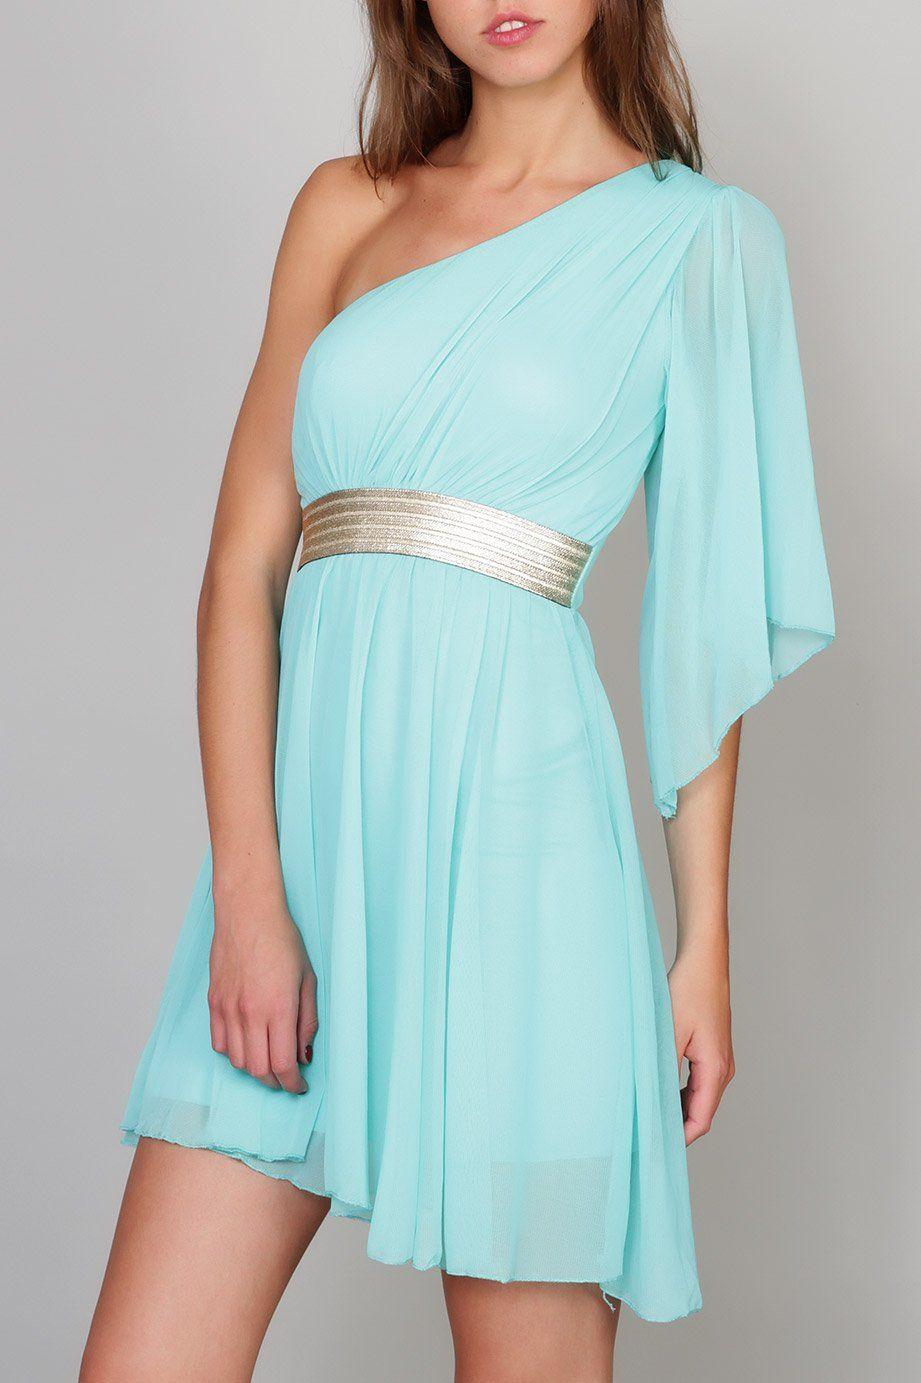 Vestido estilo griego asimétrico de Erikch | vestidos griegos ...